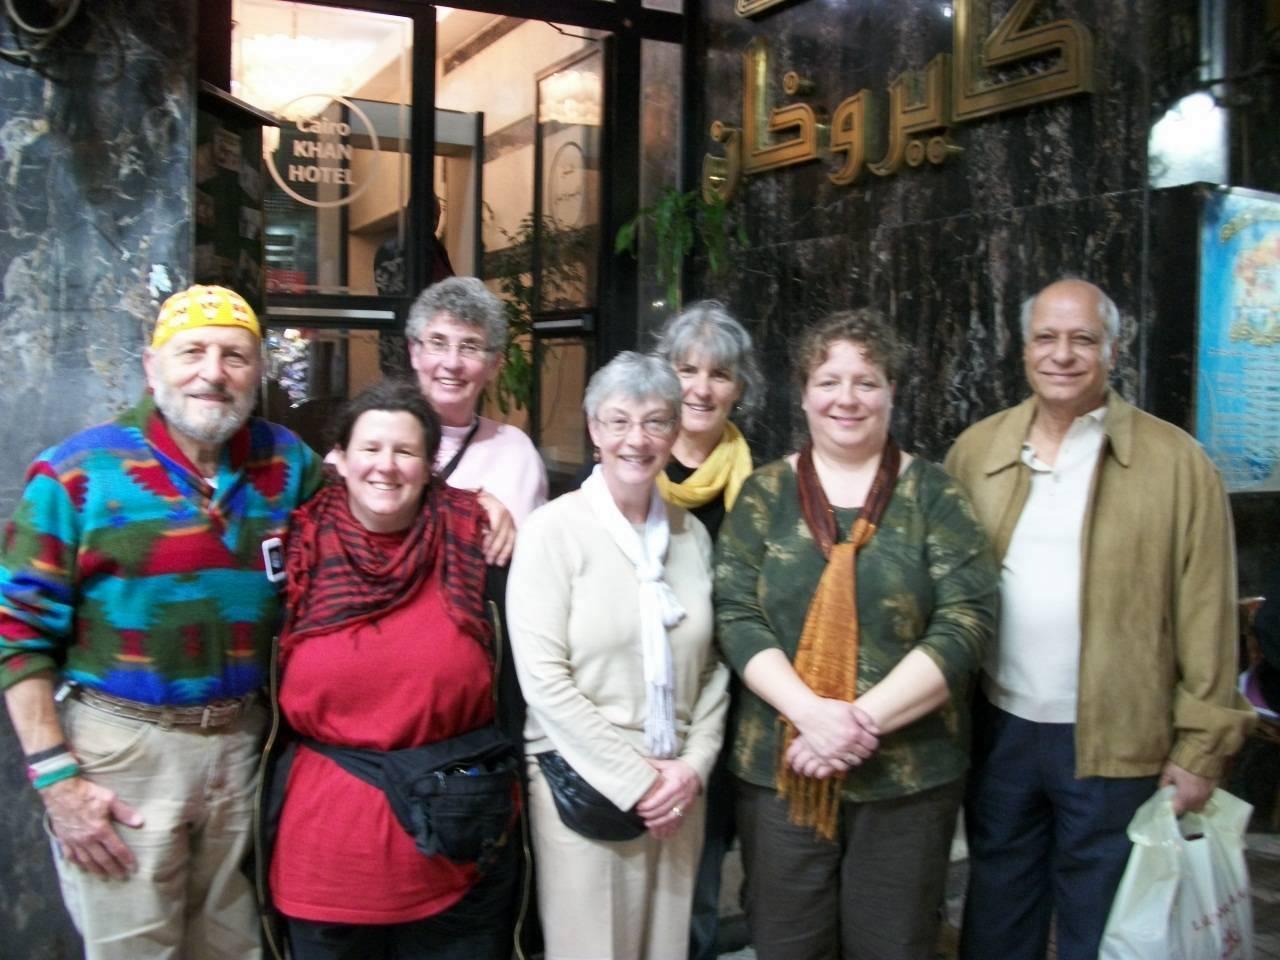 Yusif, Sheri, Liz, Dorothy, Kim, Bella & Ahmed